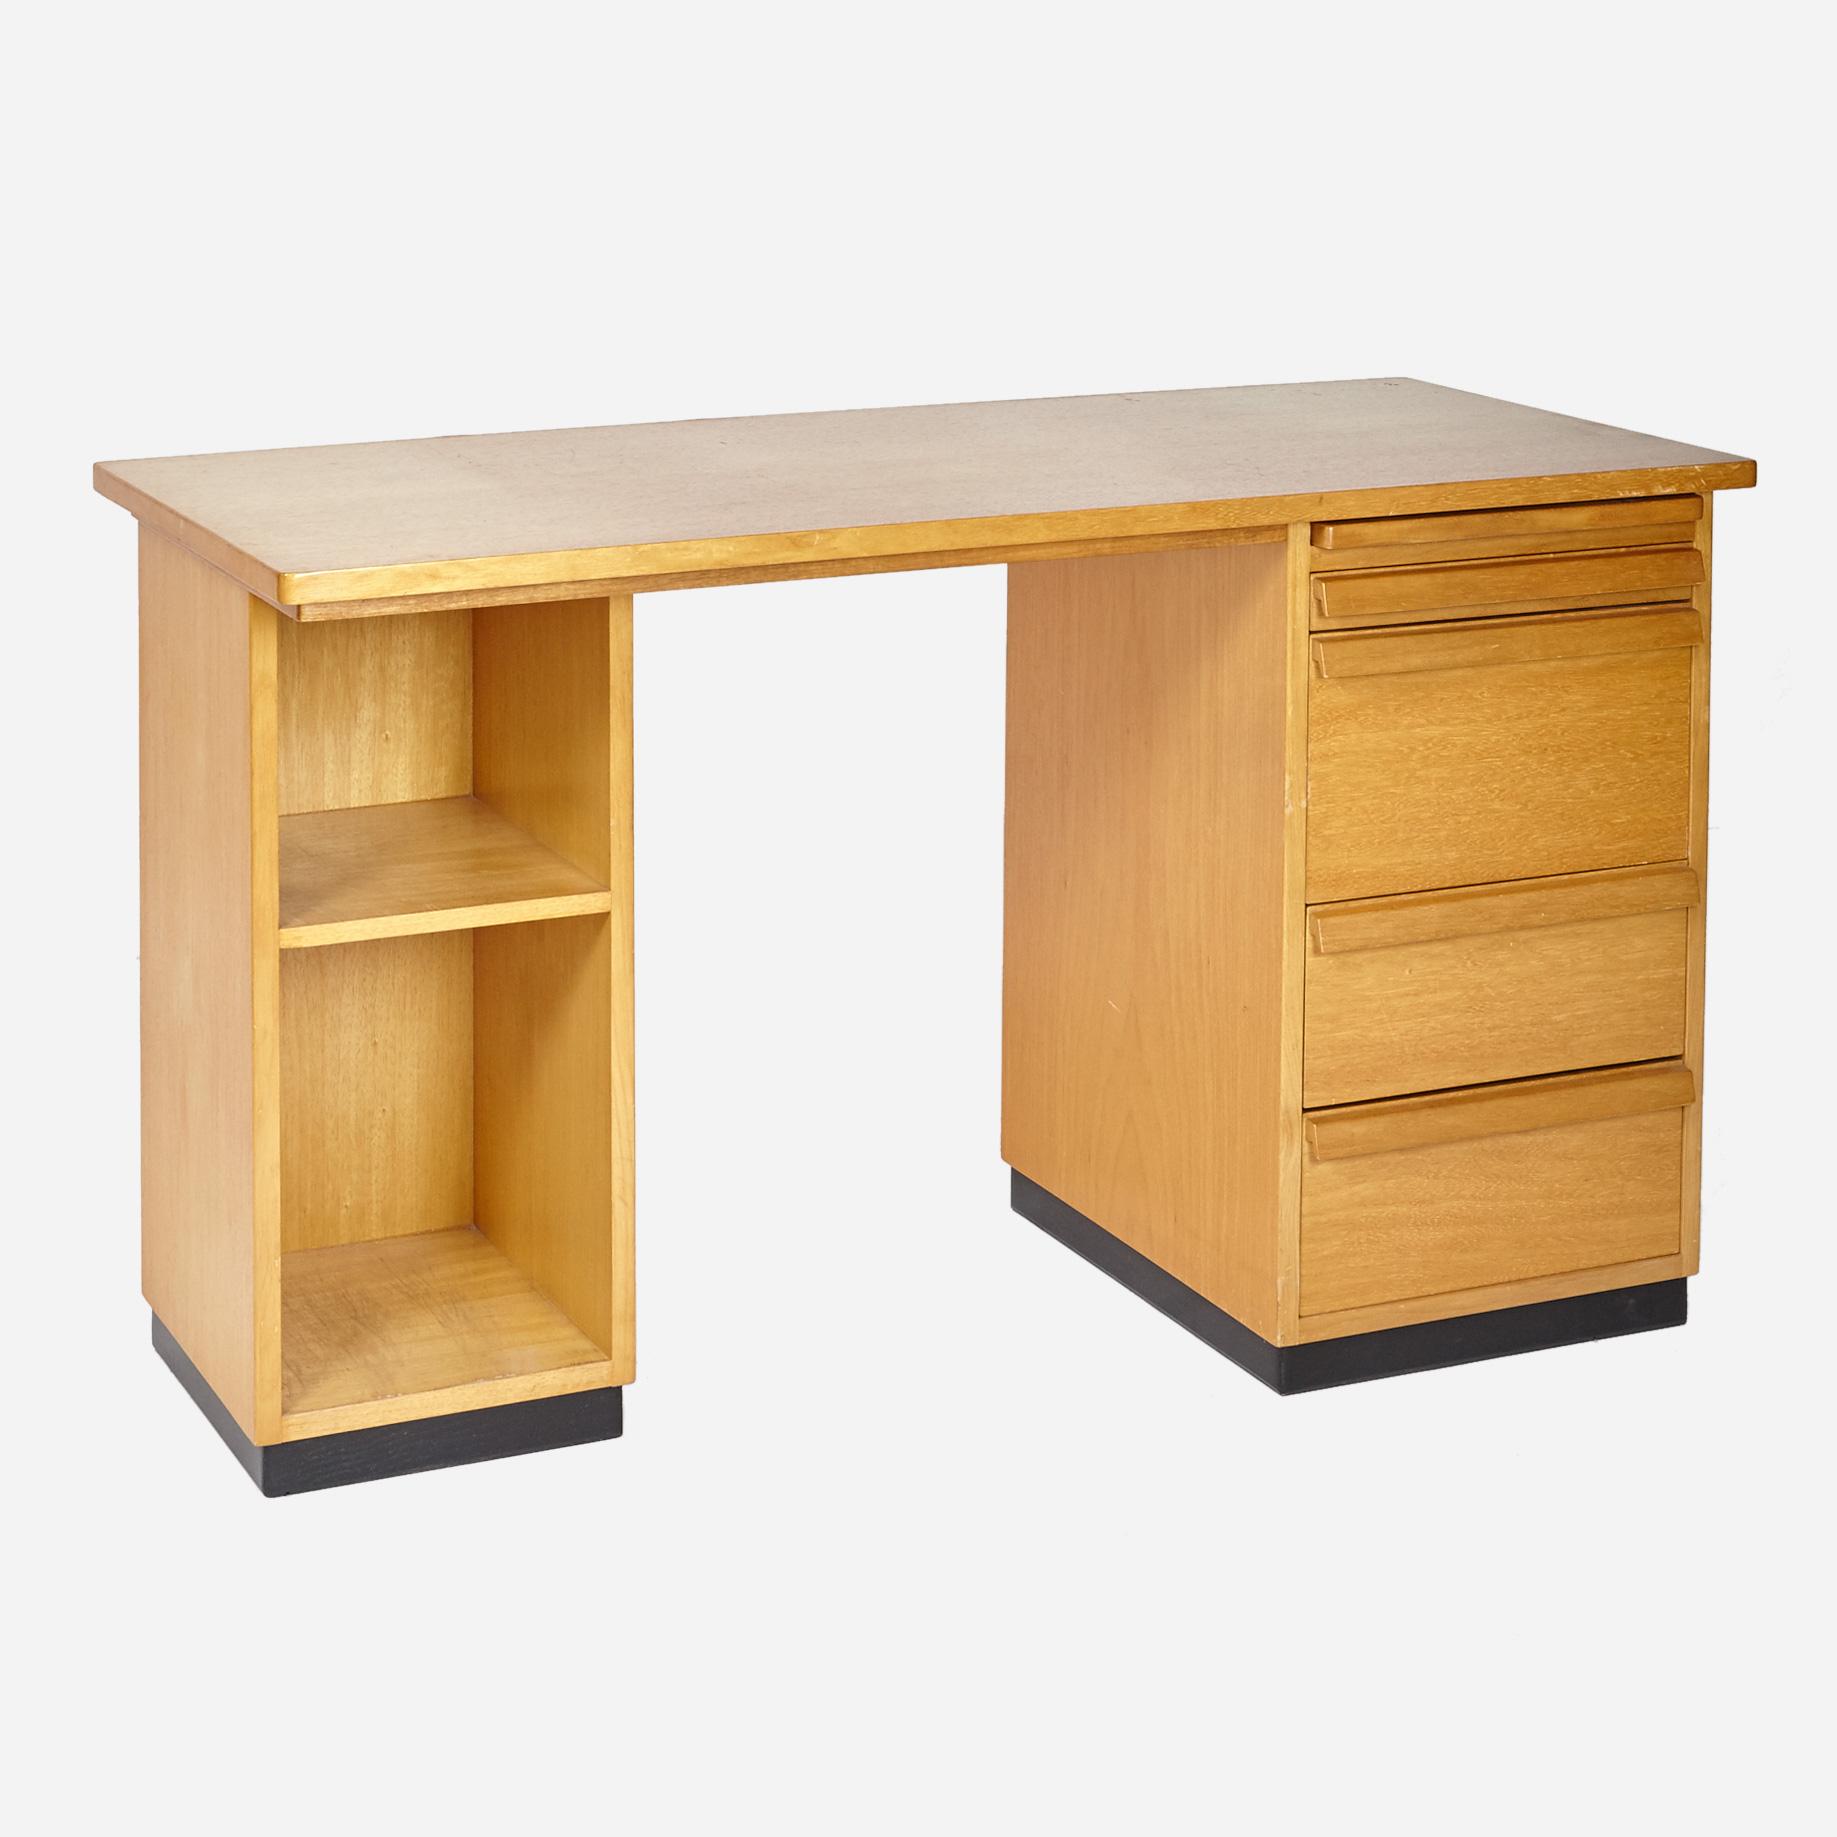 holzpult mit korpus m bel z rich vintagem bel. Black Bedroom Furniture Sets. Home Design Ideas